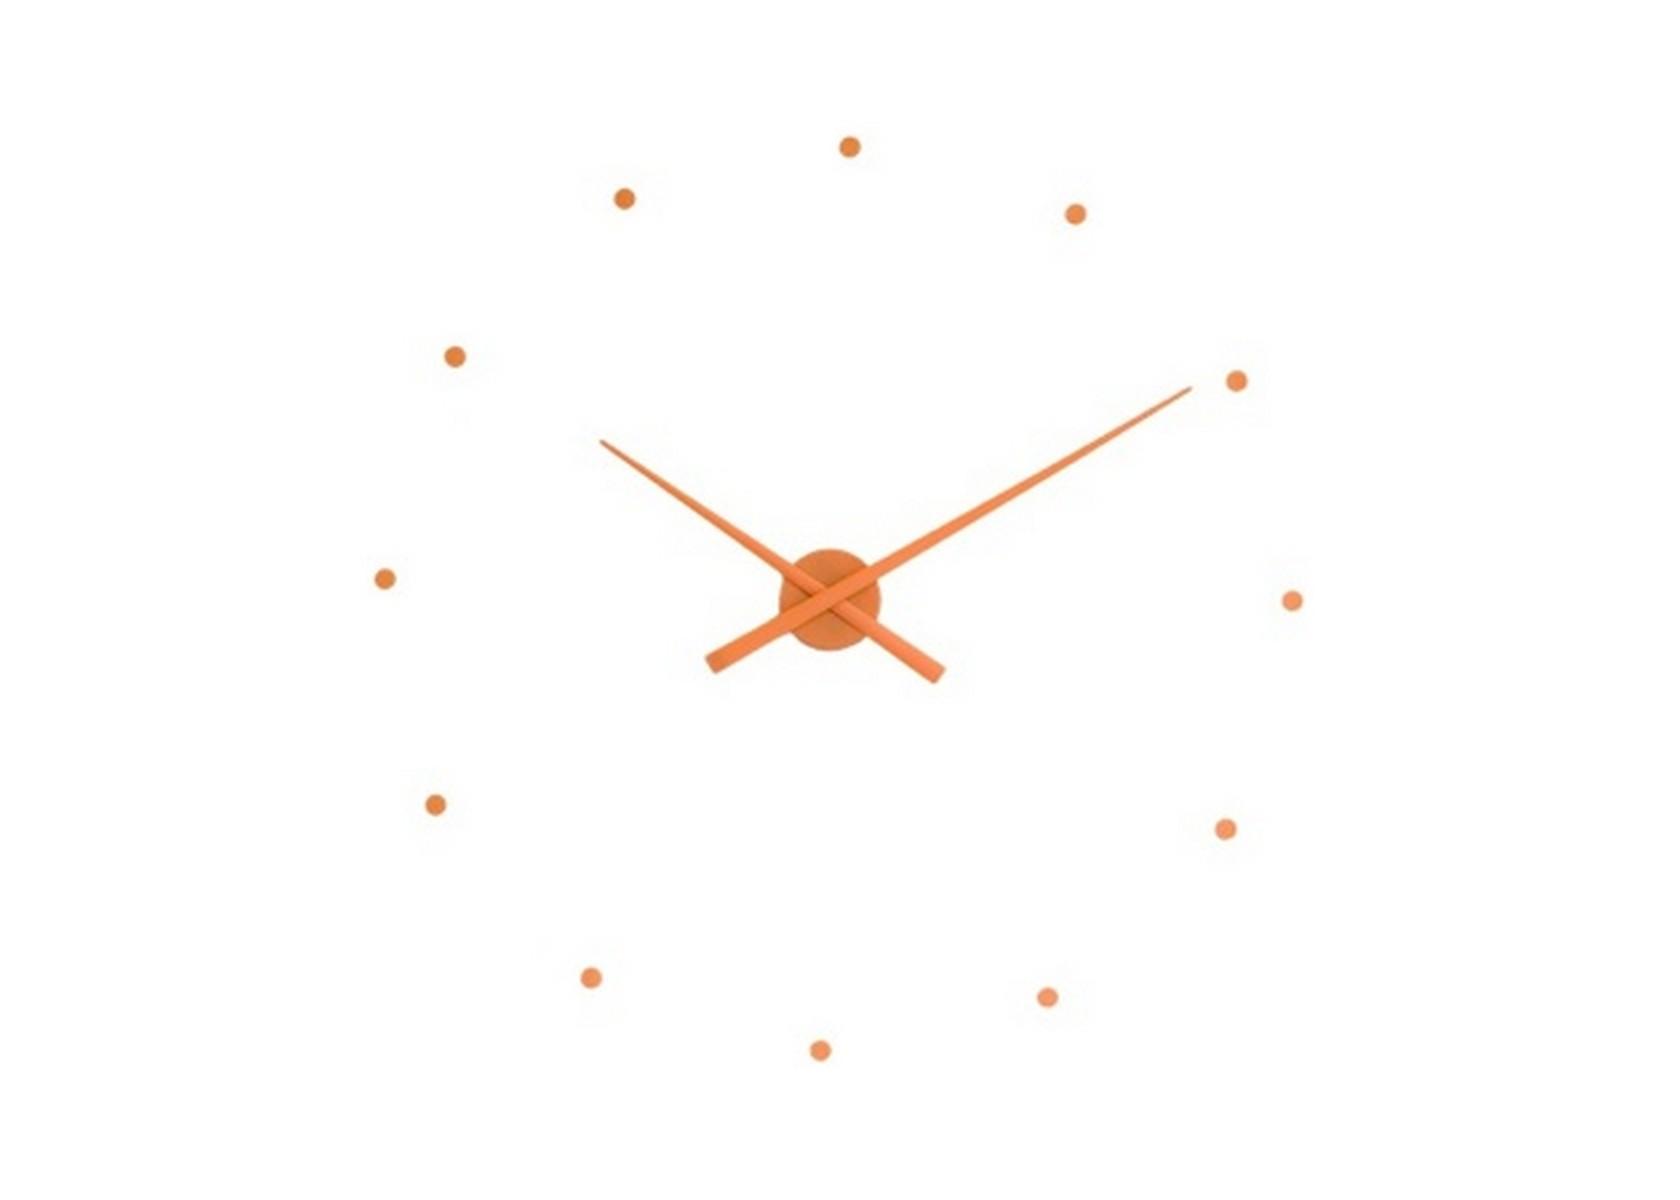 """Часы Oj PumkinНастенные часы<br>Дизайнерские часы OJ и OJ Mini выражают новую концепцию в дизайне аксессуара, который для стильного дома или офиса обязателен. Блистательный Хосе Мария Рейна предлагает минималистичную, универсальную и актуальную модель, которая легко """"встраивается"""" в обстановку. Чтобы вы правильно расположили элементы конструкции, к каждому изделию Nomon прилагается специальный трафарет. За исправный ход стрелок отвечает качественный кварцевый механизм UTS (Германия).&amp;amp;nbsp;&amp;lt;div&amp;gt;&amp;lt;br&amp;gt;&amp;lt;/div&amp;gt;&amp;lt;div&amp;gt;Часы работают от пальчиковой батарейки АА 1,5 V (элементы питания в комплекте не идут). Стандартная модель OJ выполнена в диаметре 80 см, вариант mini — 50 см. Обратите внимание, что размер не влияет на цену часов.&amp;lt;/div&amp;gt;<br><br>Material: Пластик<br>Depth см: 3<br>Diameter см: 80"""